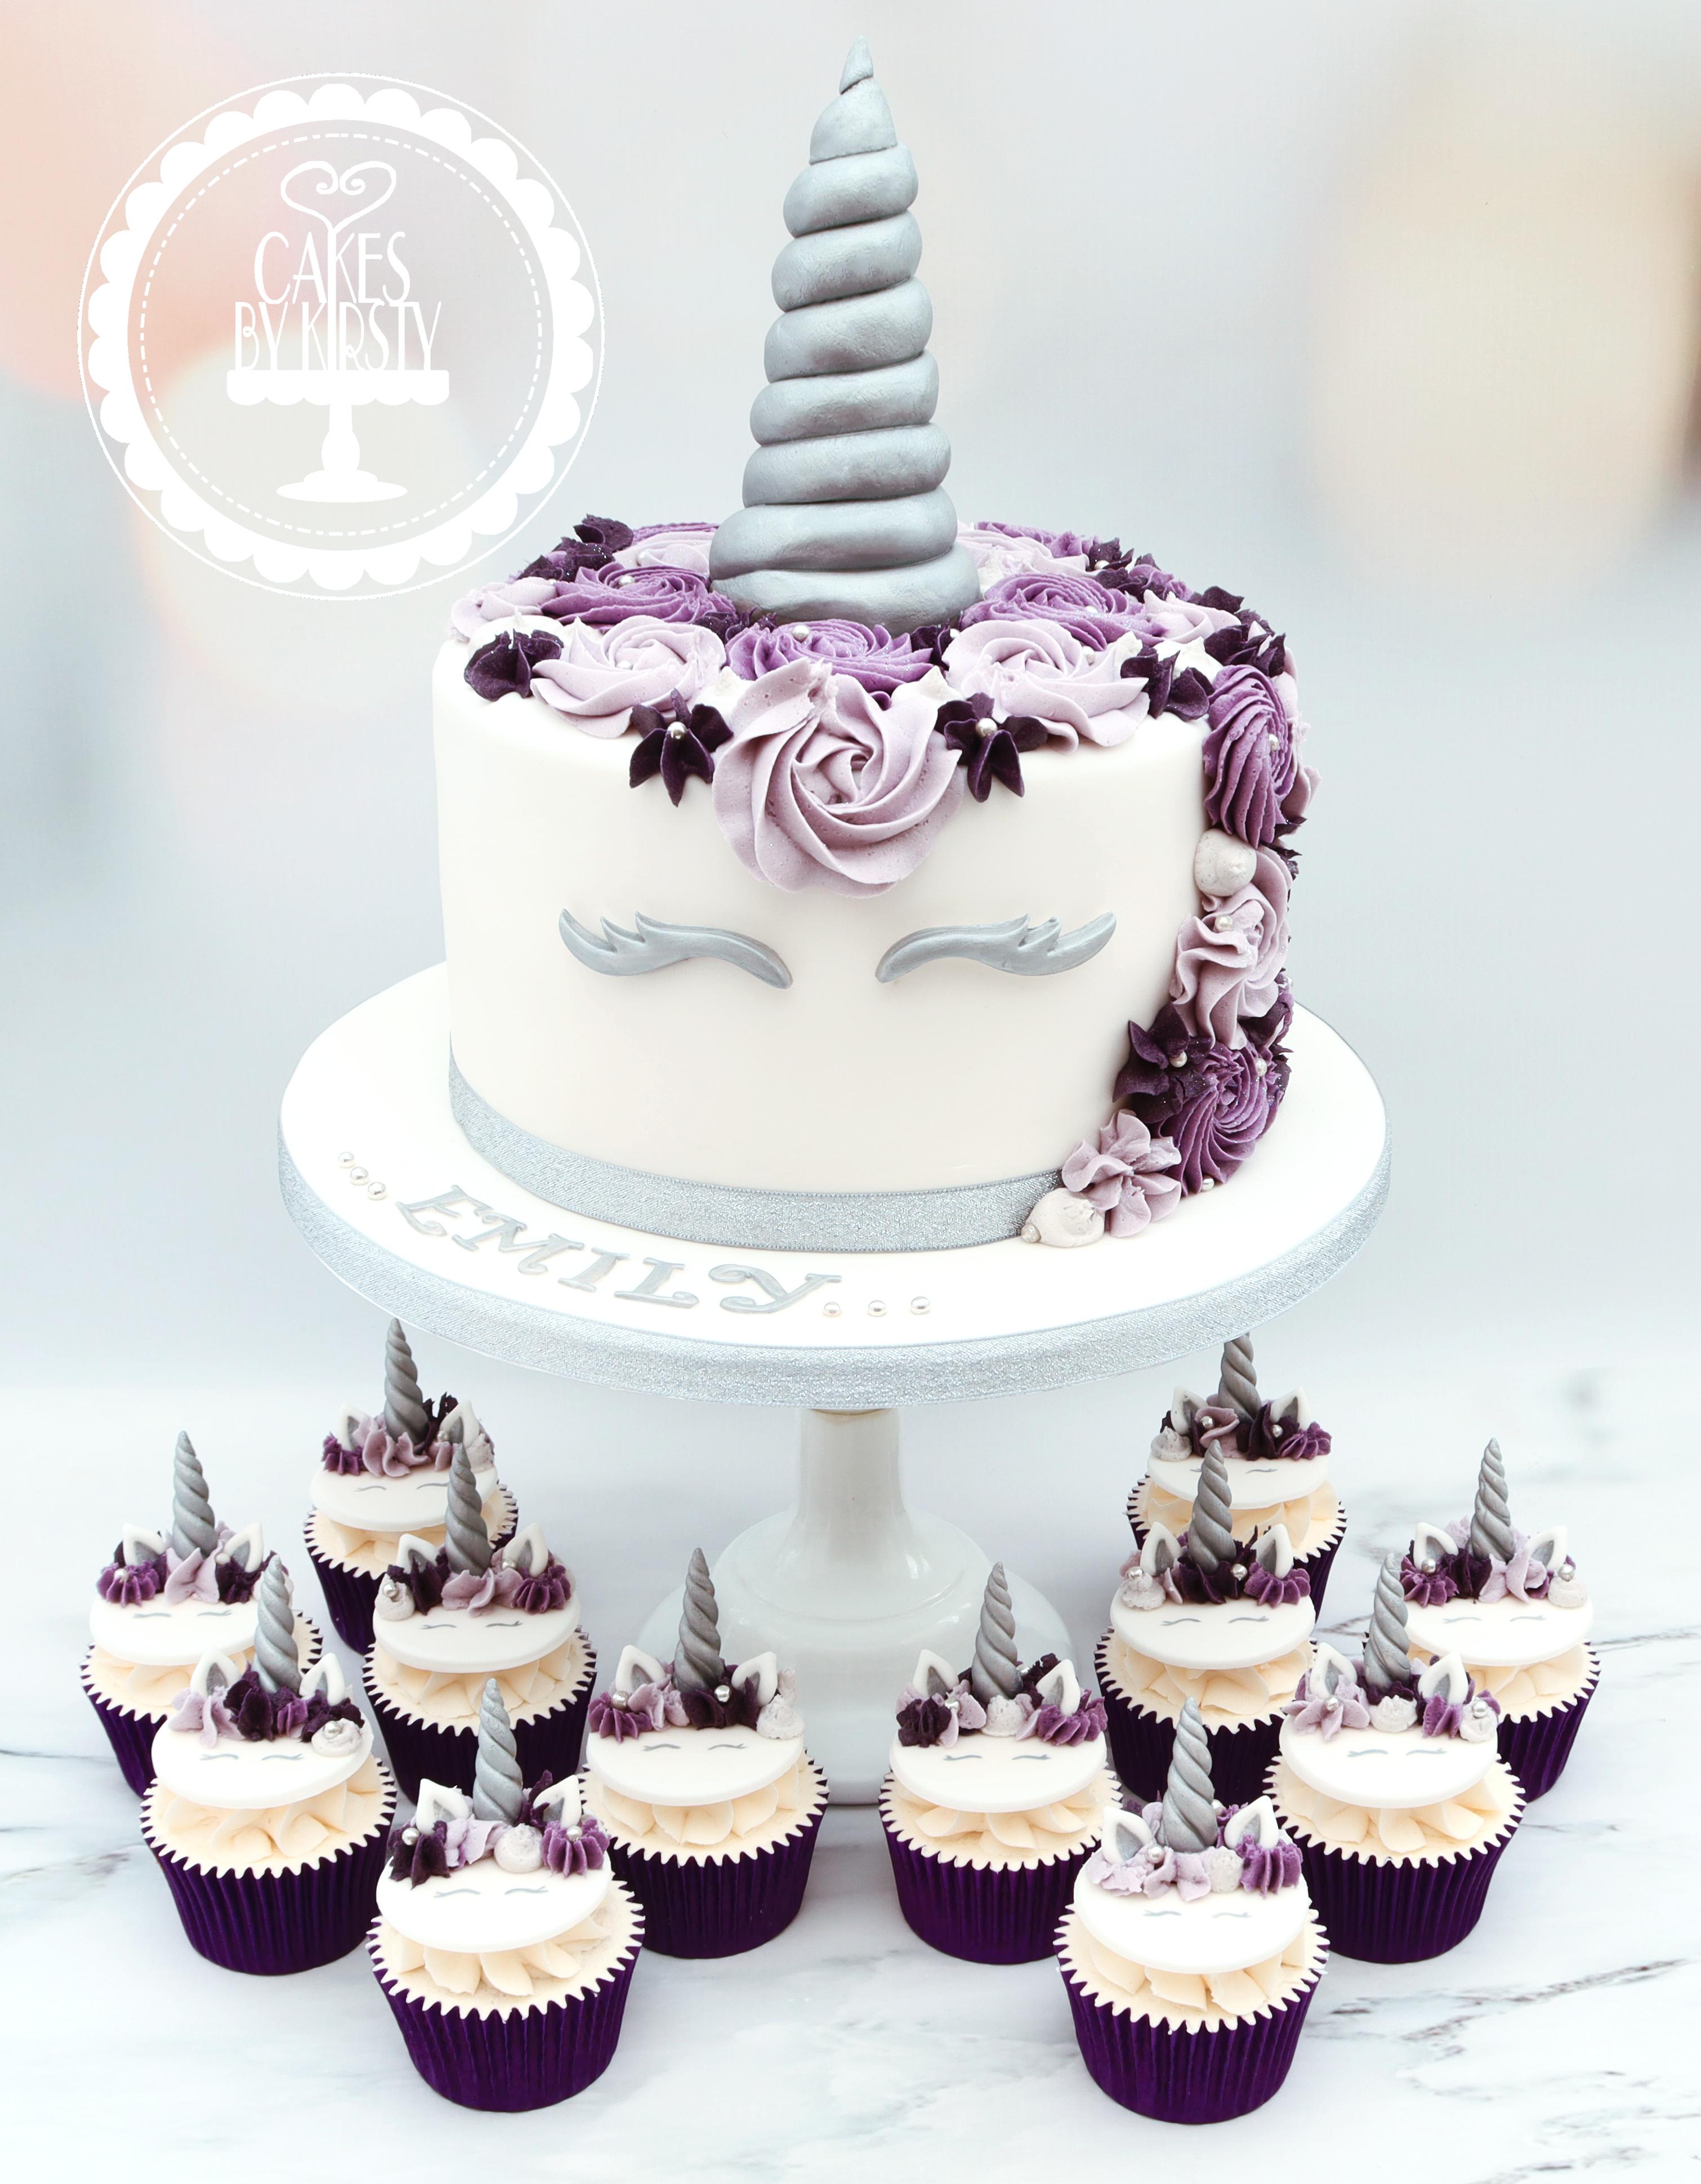 20190712 - Unicorn Cake & Cupcakes